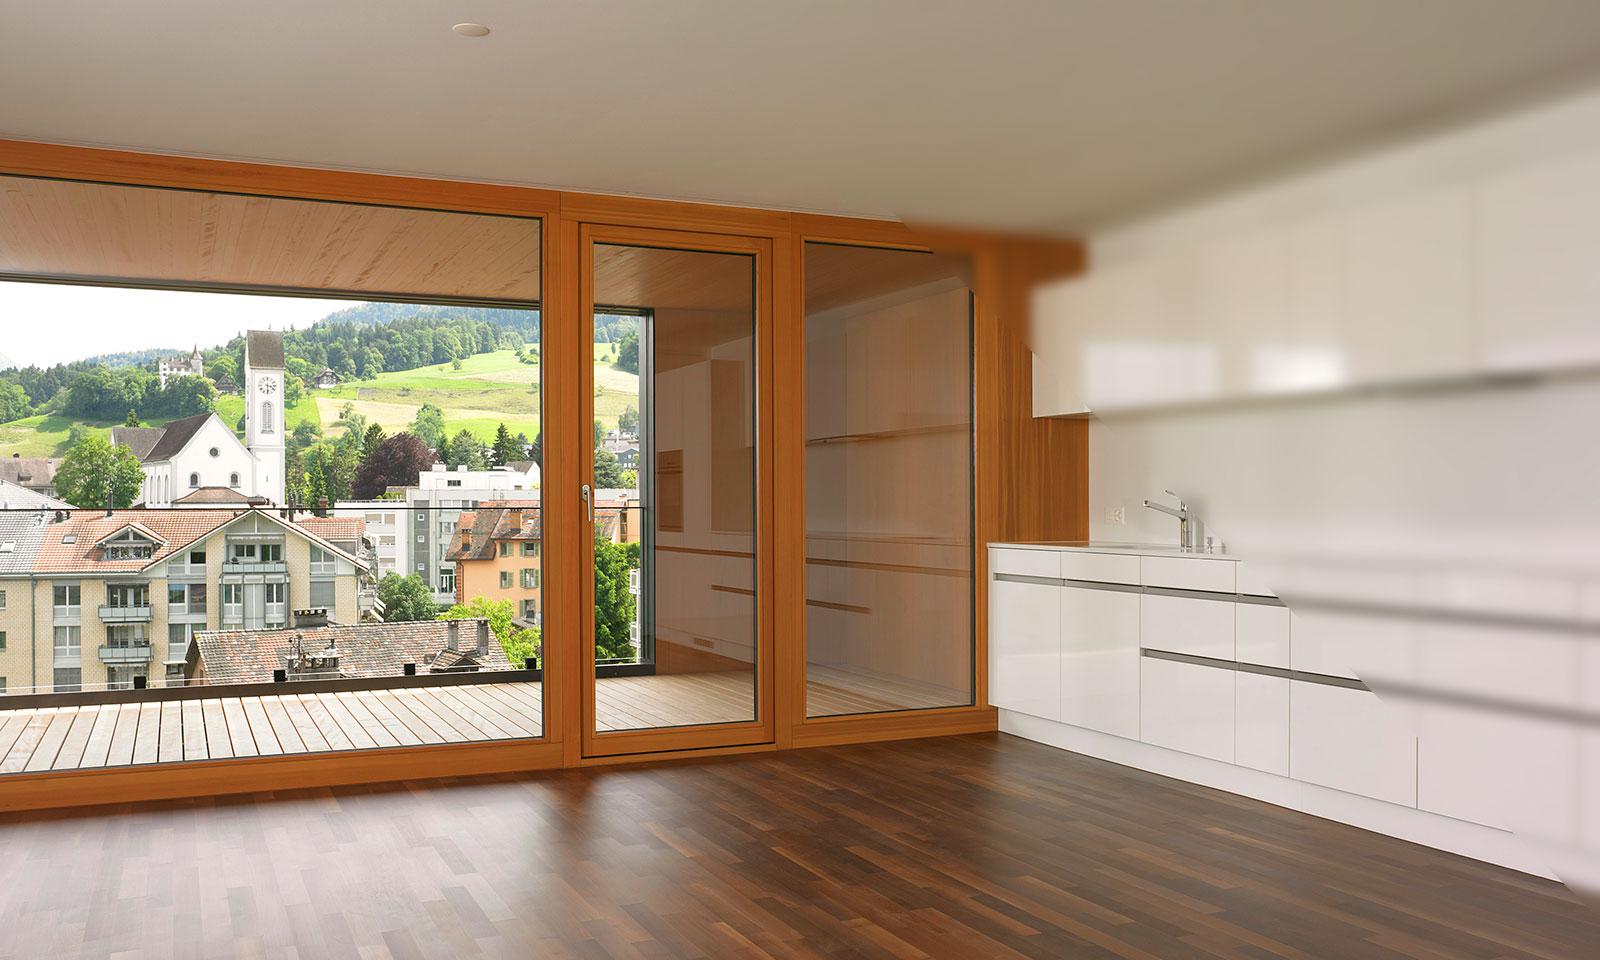 Fensterhersteller schweiz  Biene Fenster AG | Schweizer Fenster in höchster Qualität seit 1896 ...